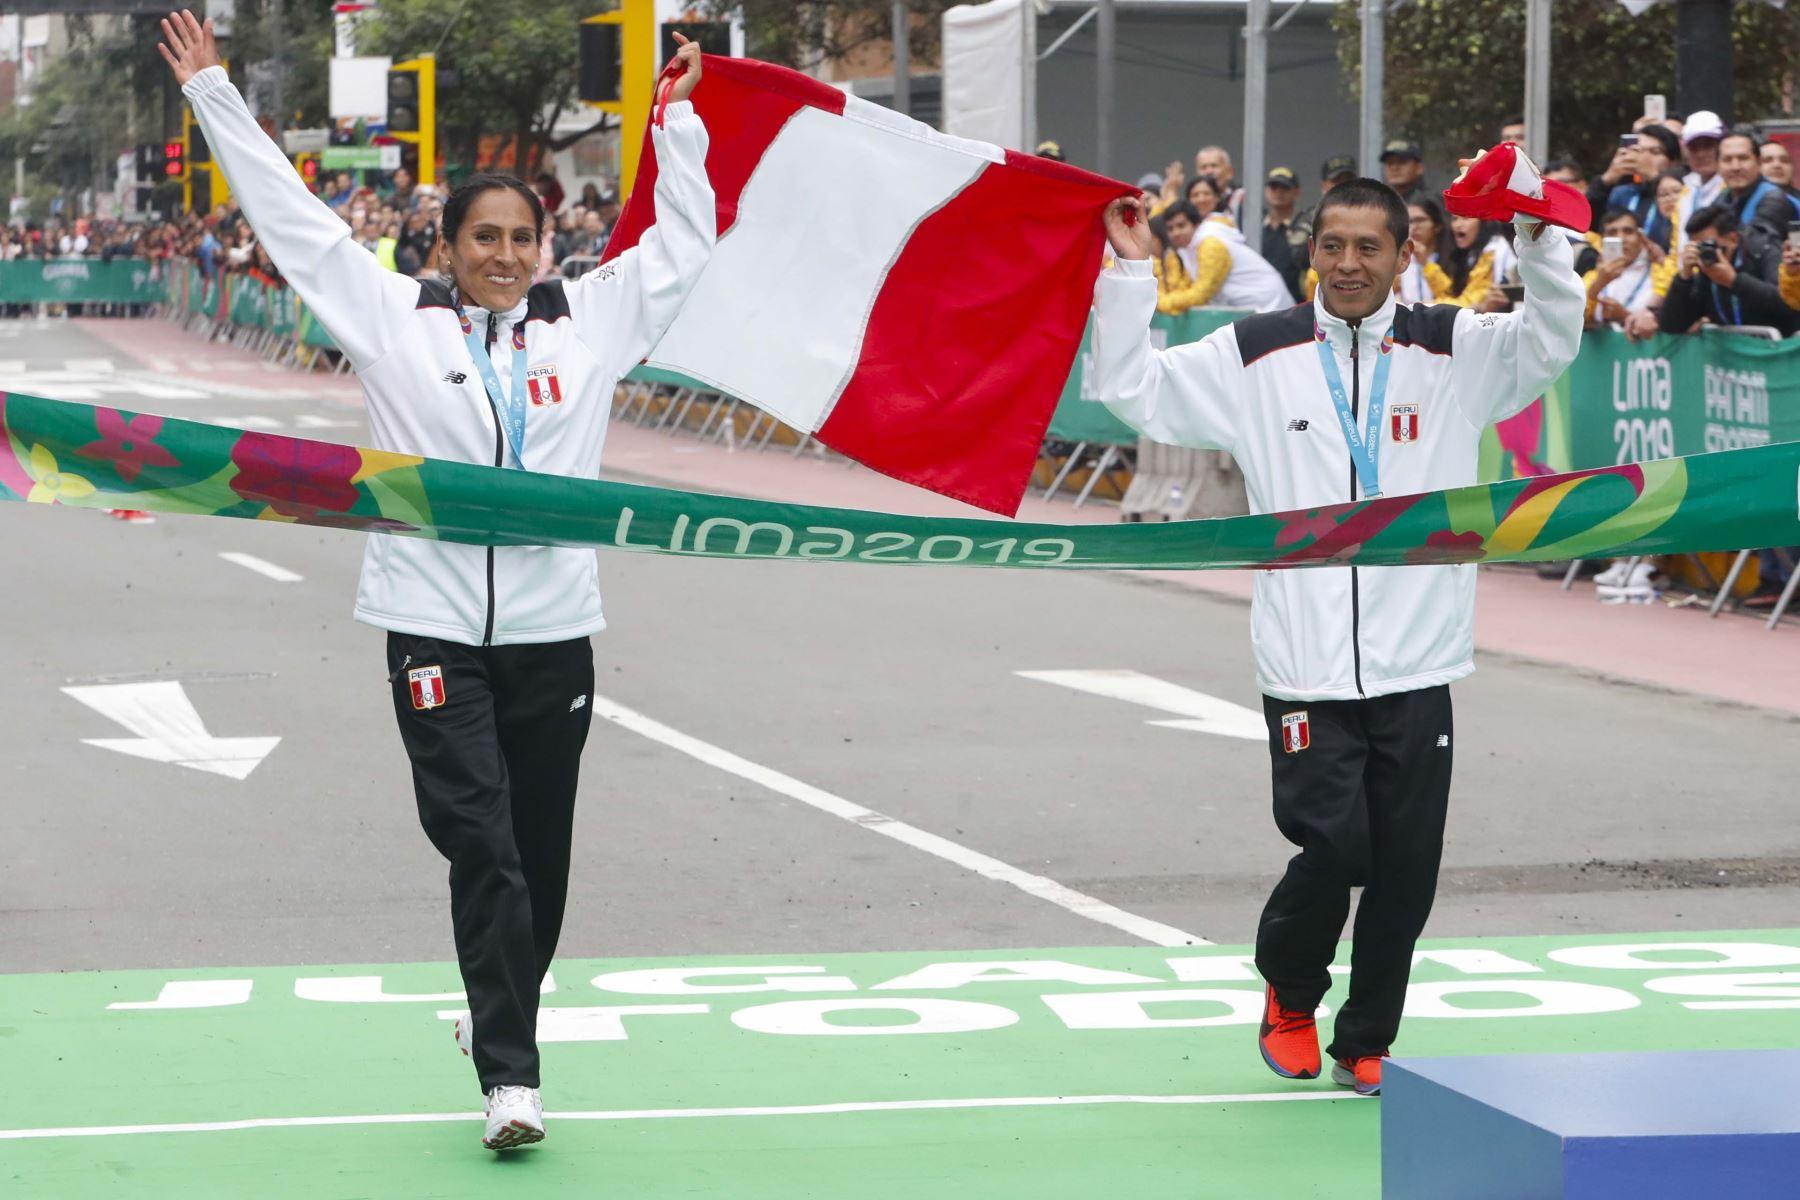 Perú competirá los Juegos Olímpicos Tokio 2020 con 34 deportistas